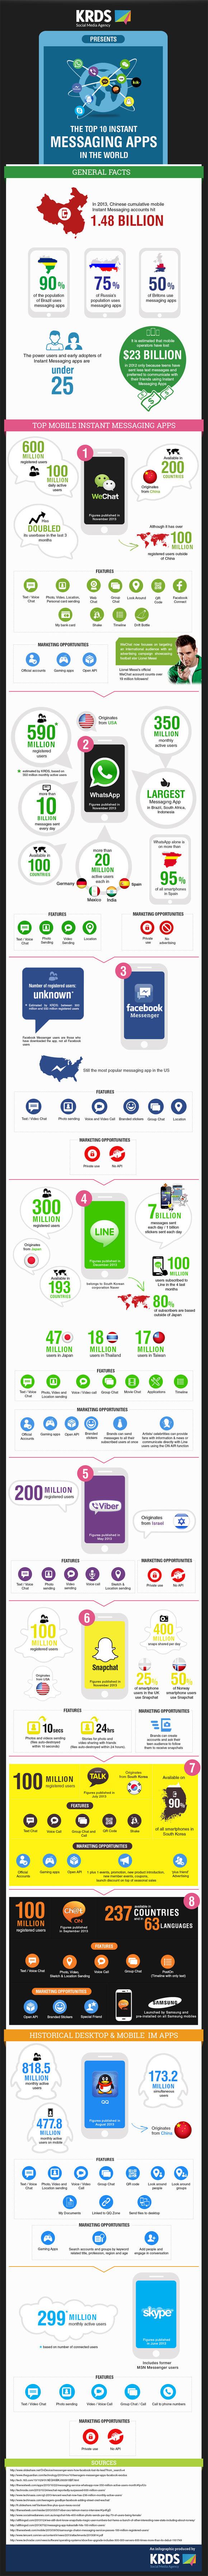 top10-instant-messaging-apps-infografik